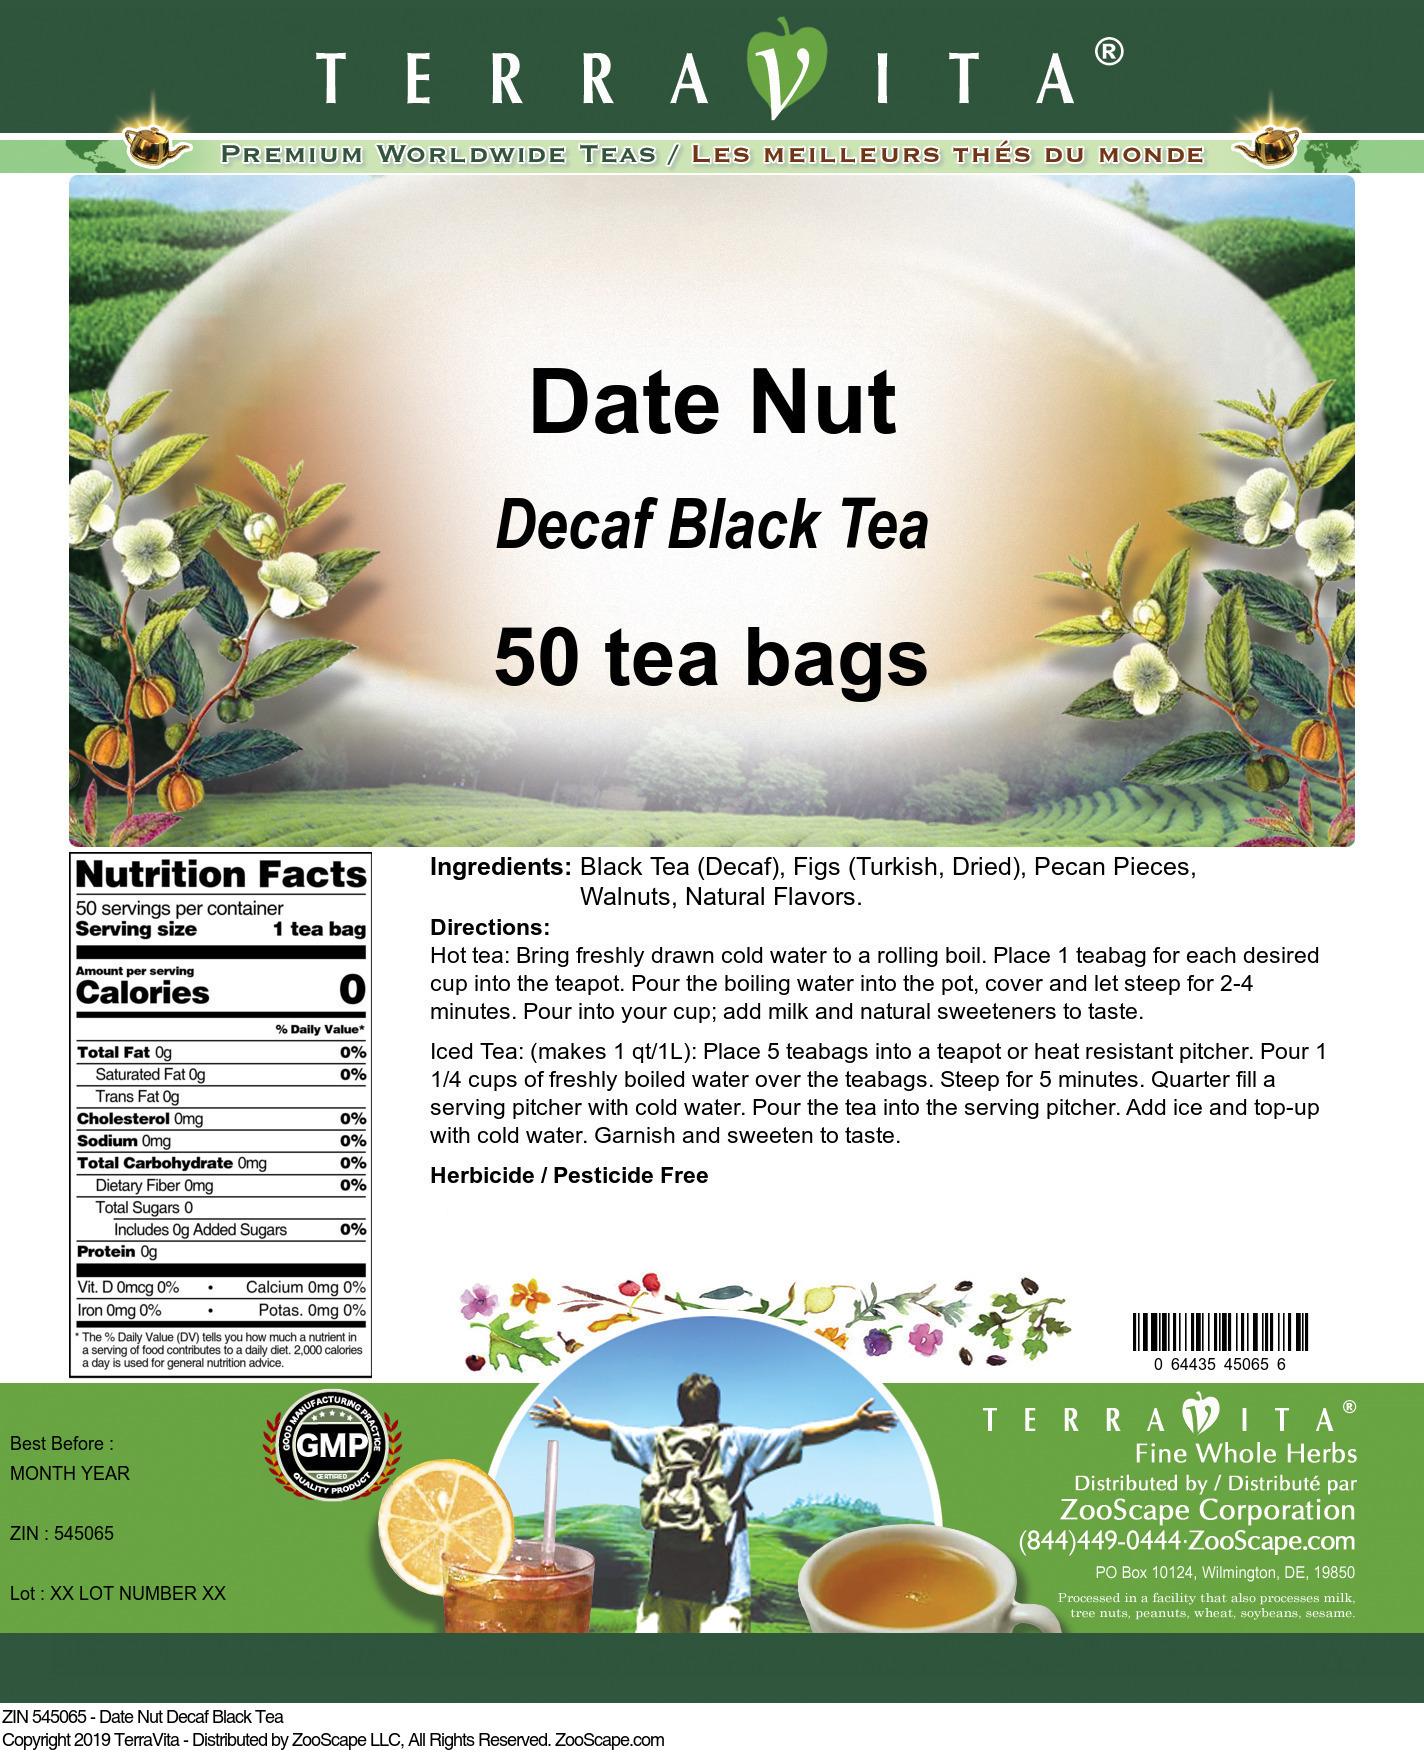 Date Nut Decaf Black Tea